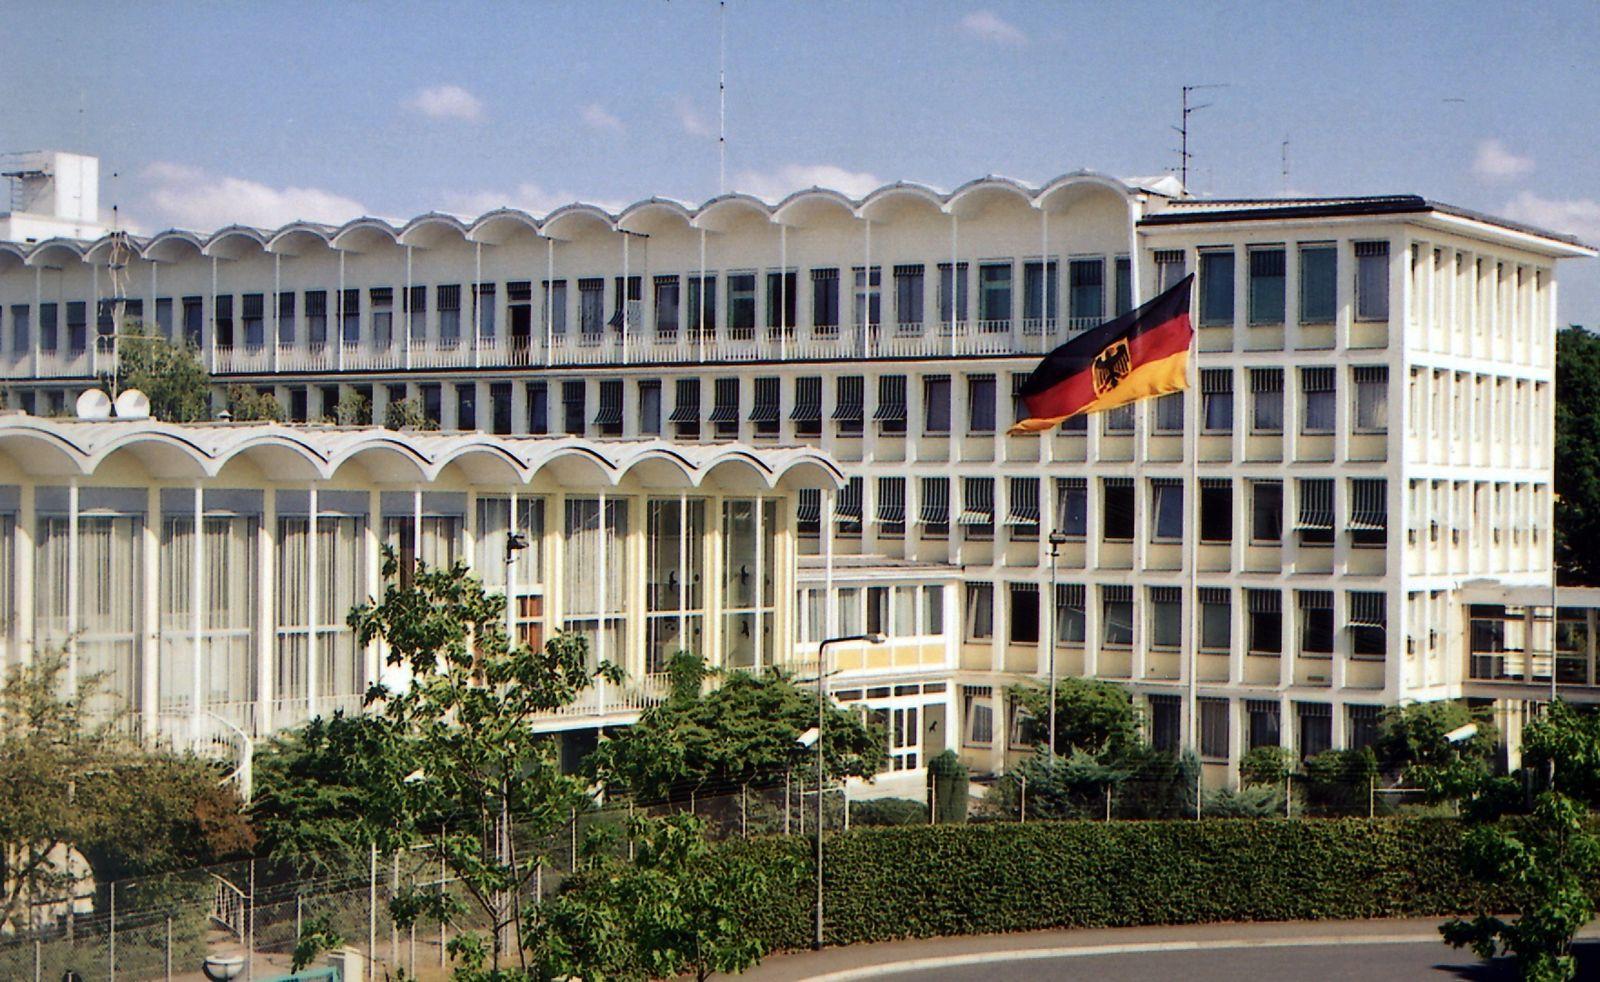 Bundeskriminalamt/ BKA